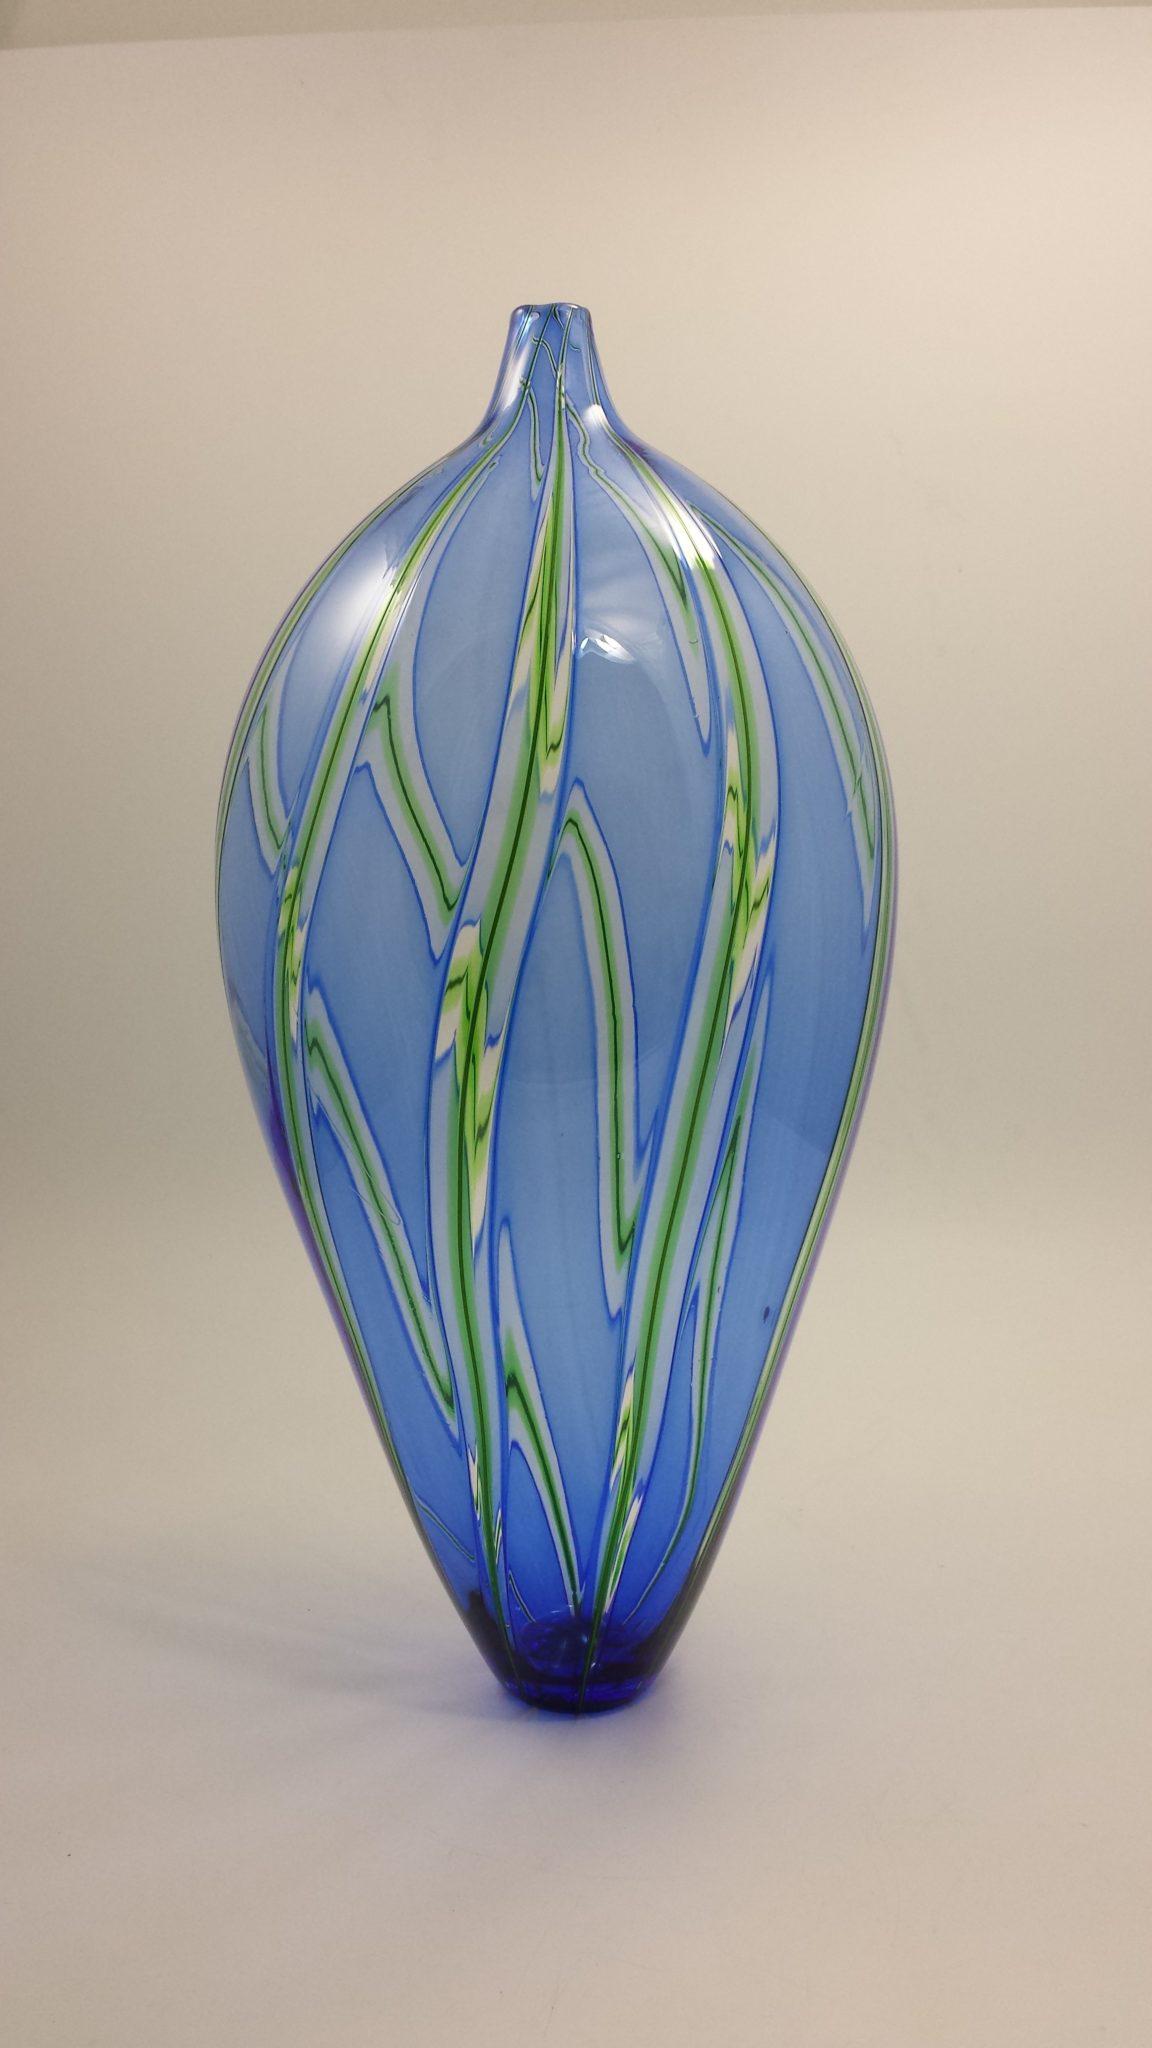 Aaron Quigley glass artist